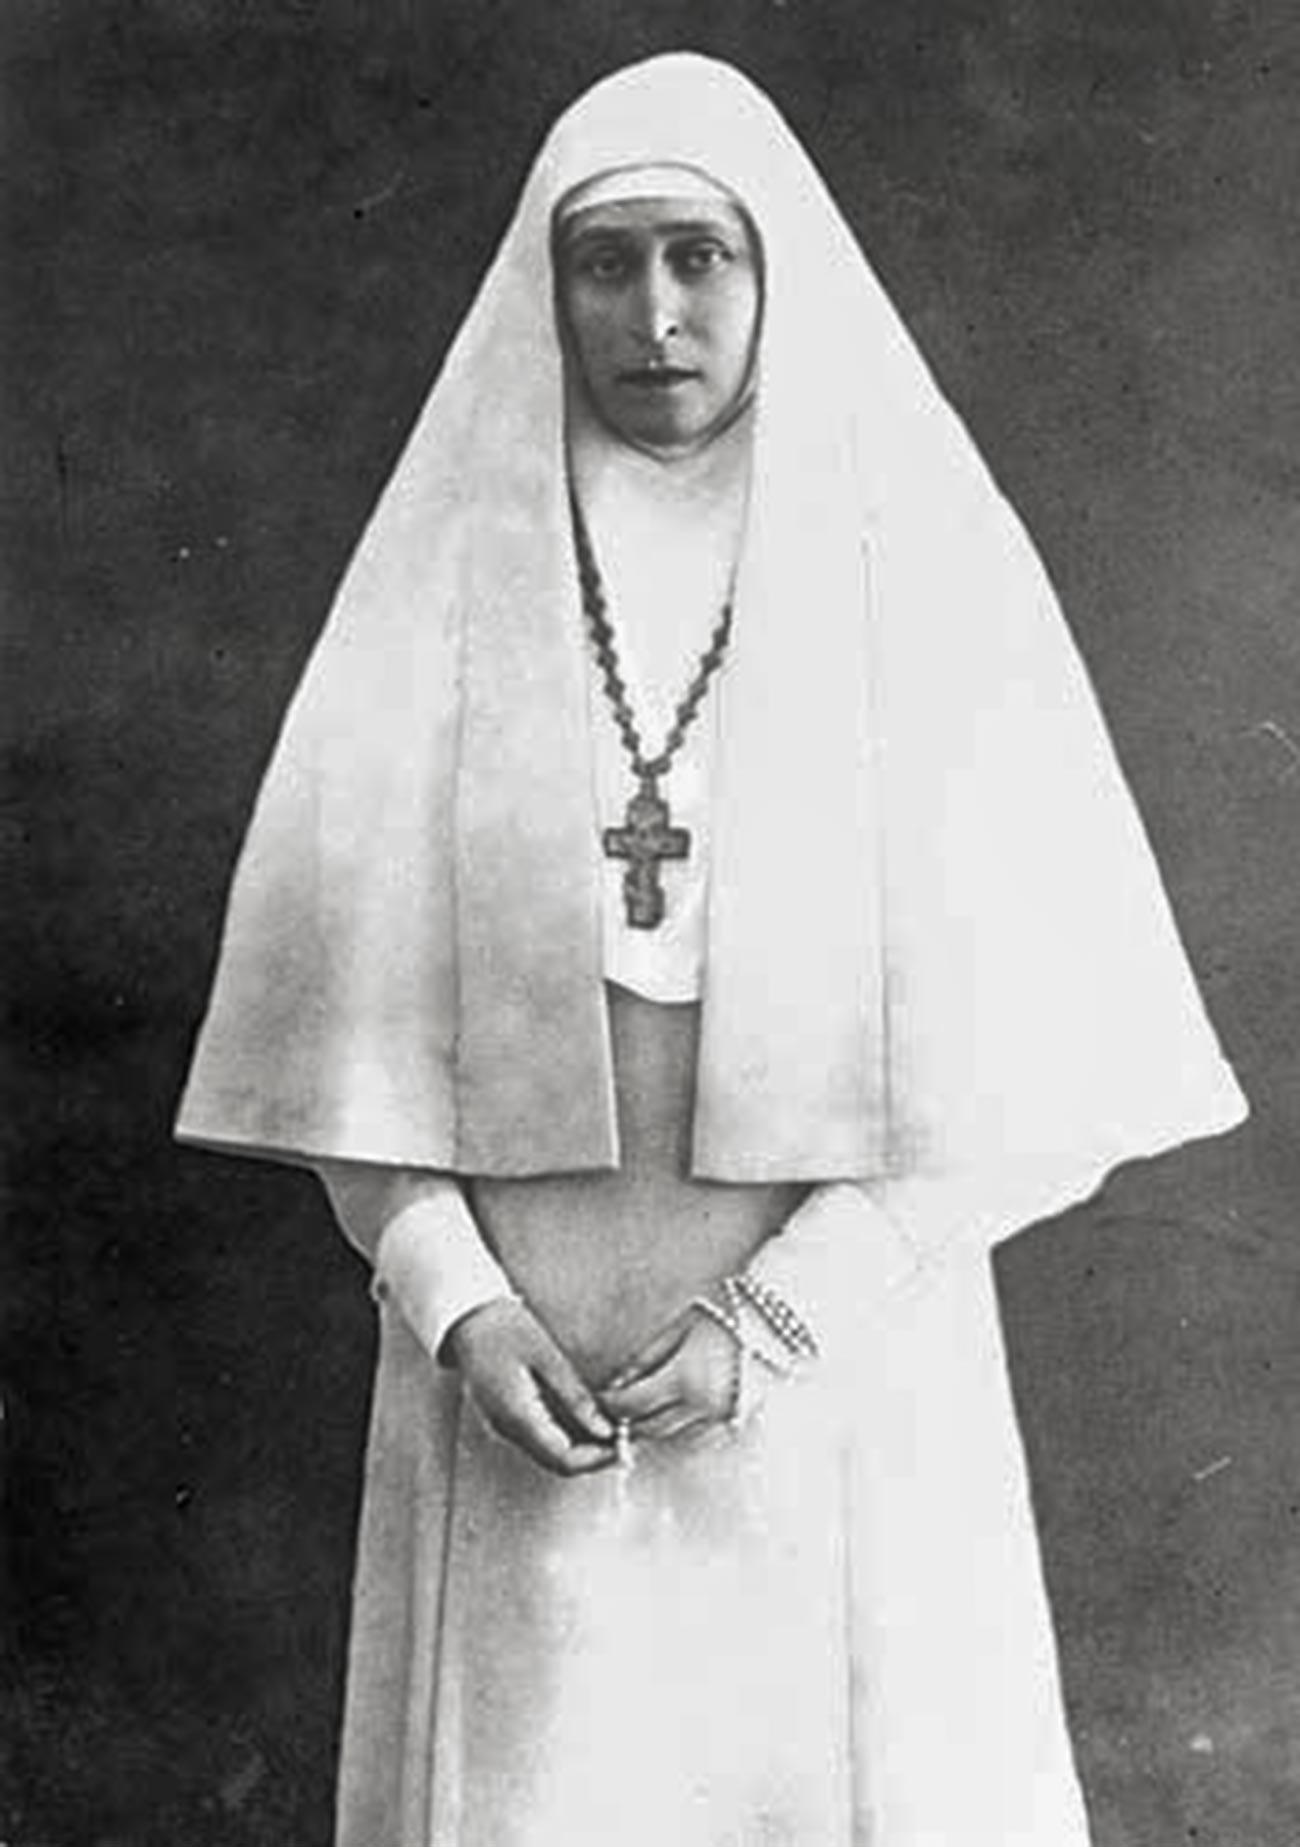 La granduchessa Elizaveta Fjodorovna nel 1918